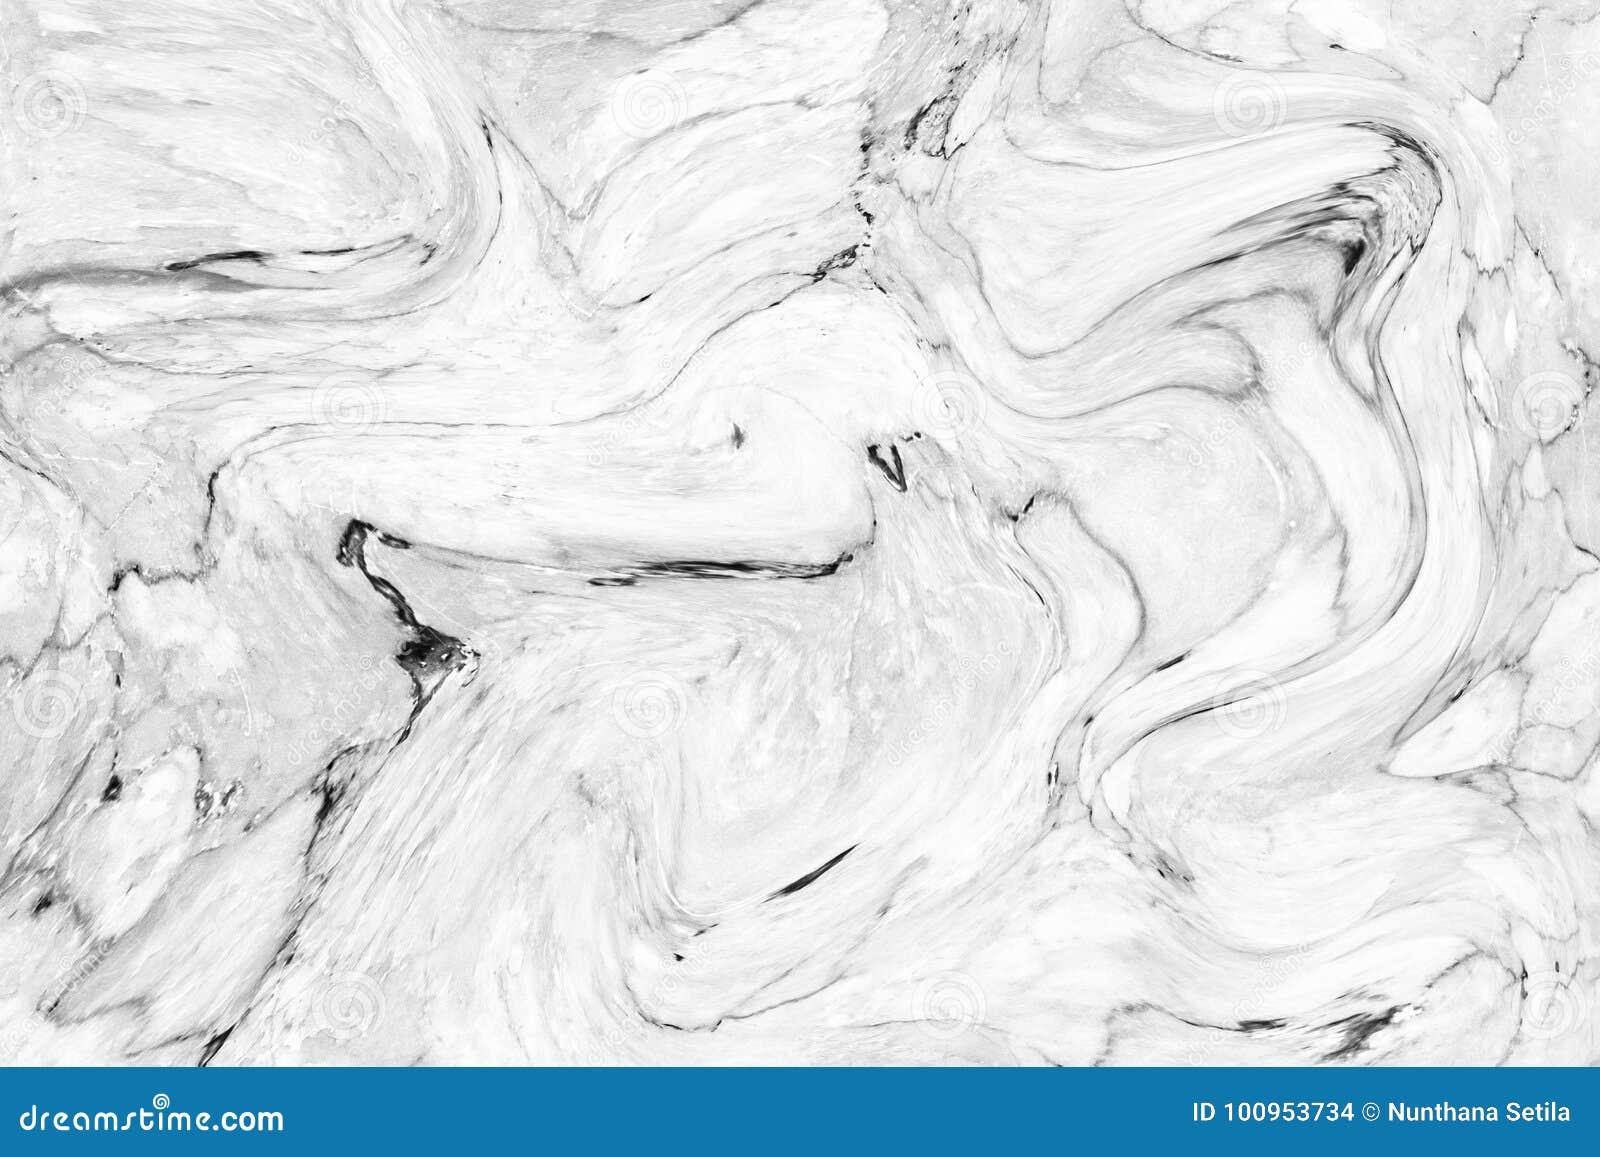 Абстрактная картина волны, белая серая мраморная предпосылка текстуры чернил для обоев или плитка стены кожи для дизайна интерьер